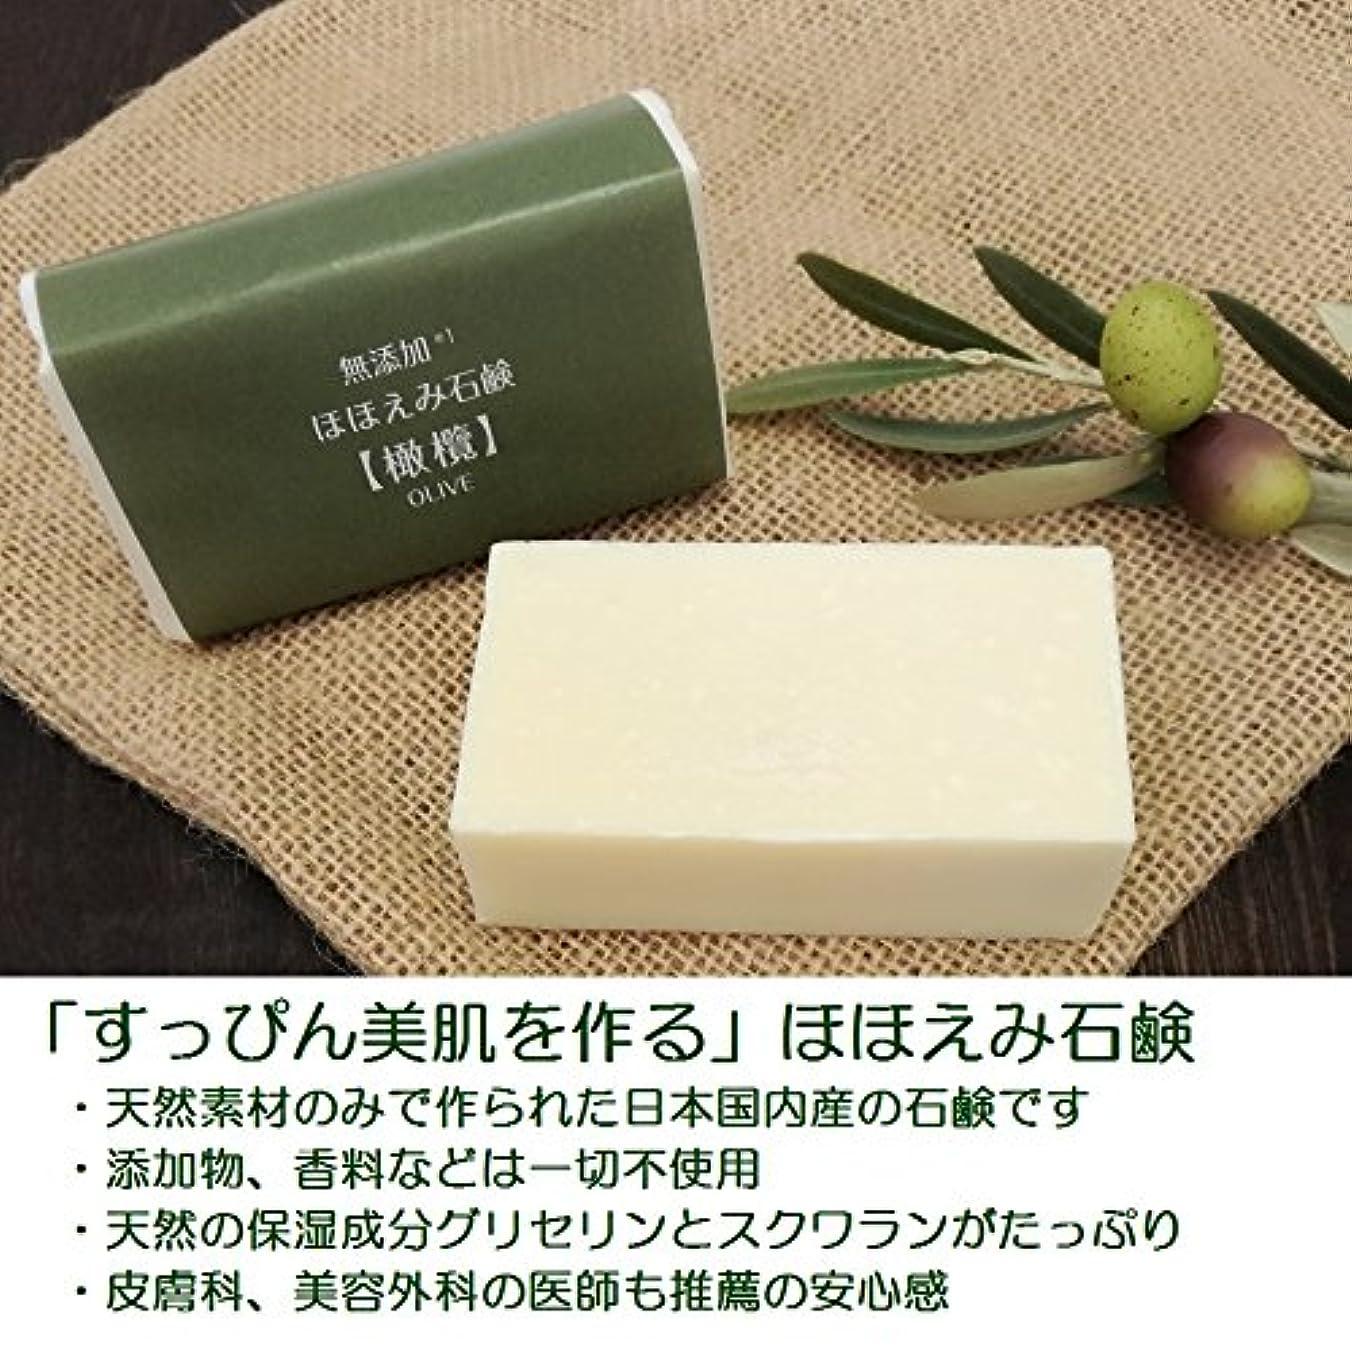 イデオロギー舞い上がる地図すっぴん美肌を作る ほほえみ石鹸 オリーブ 無添加 オーガニック 日本製 80g